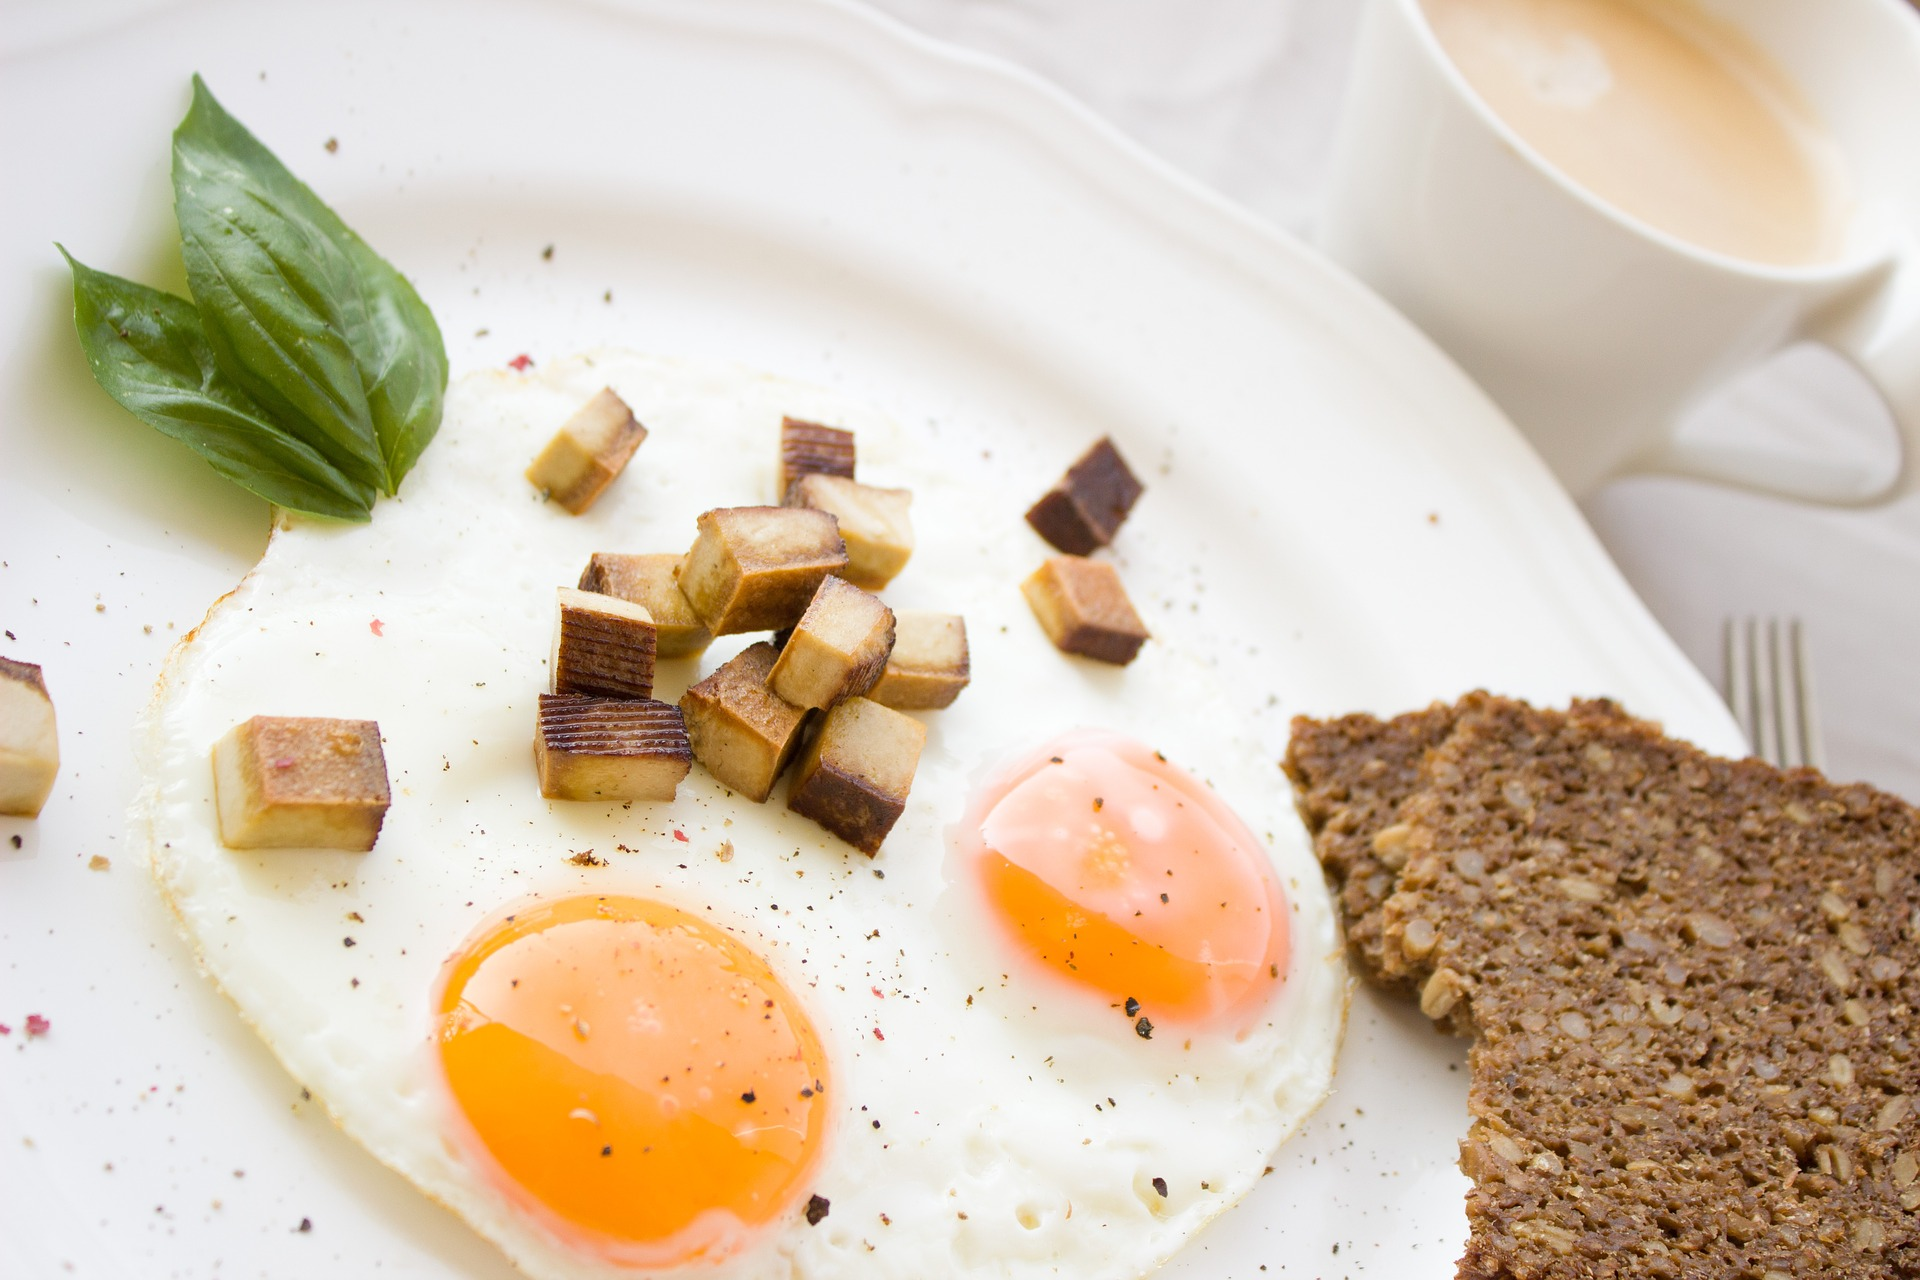 fontes de proteina animal e vegetal como ovo e cogumelos